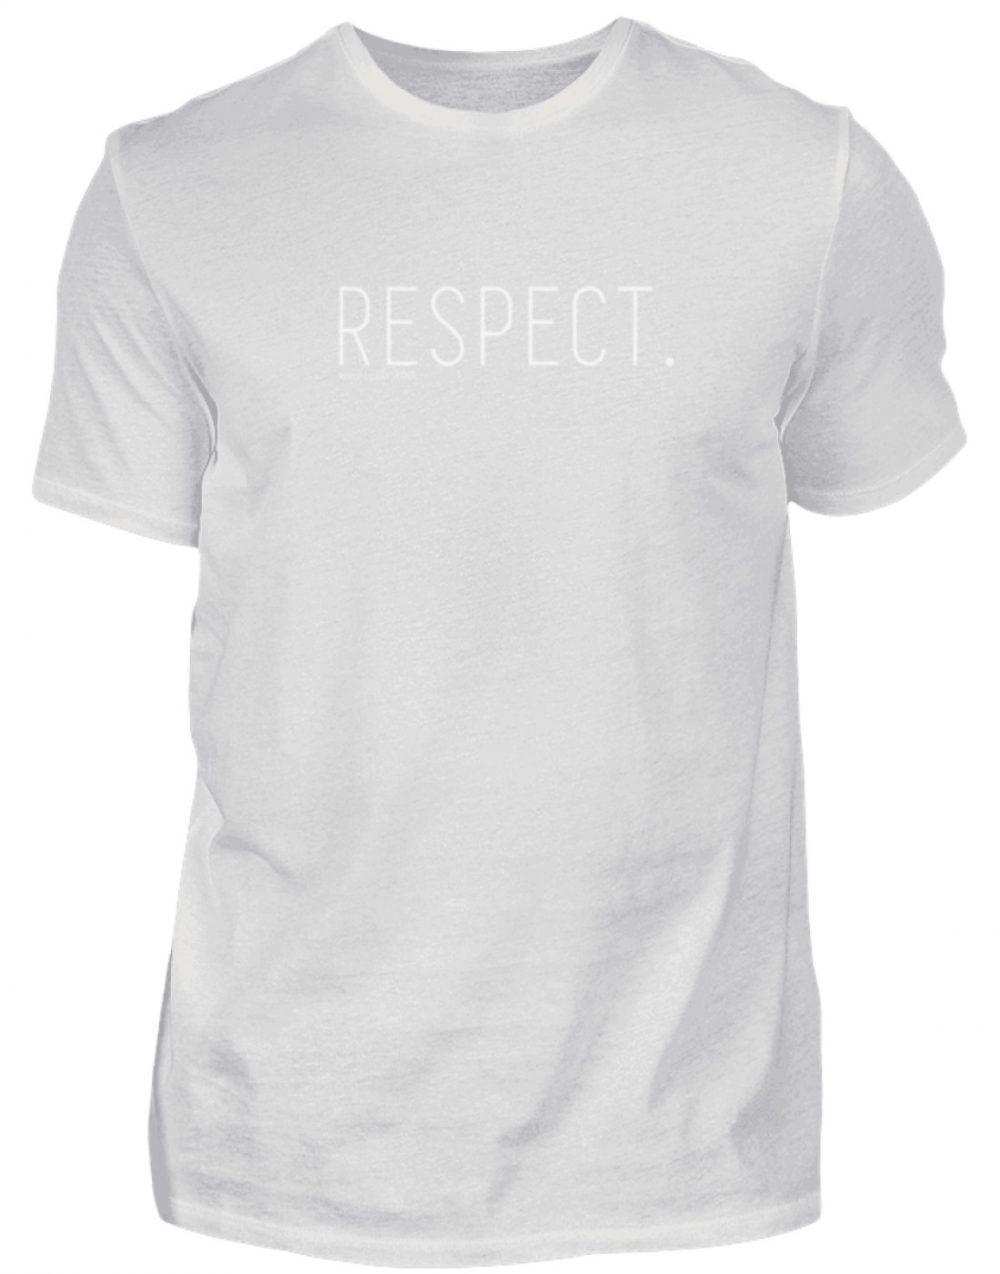 RESPECT. - Herren Premiumshirt-1053